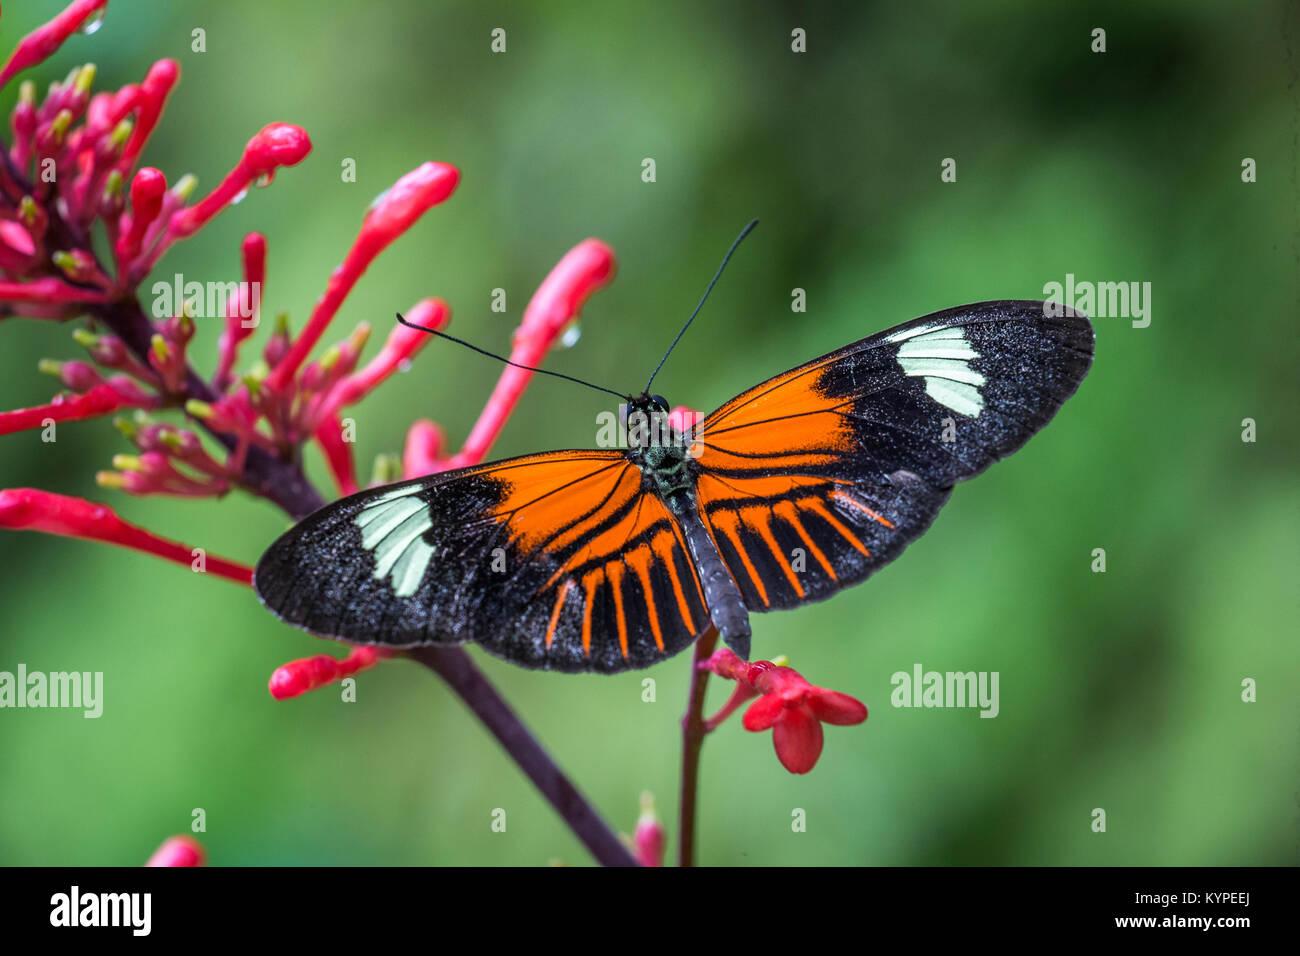 Cerca del blanco y negro naranja Heliconius erato notabilis butterfly conocida comúnmente como pequeños Imagen De Stock